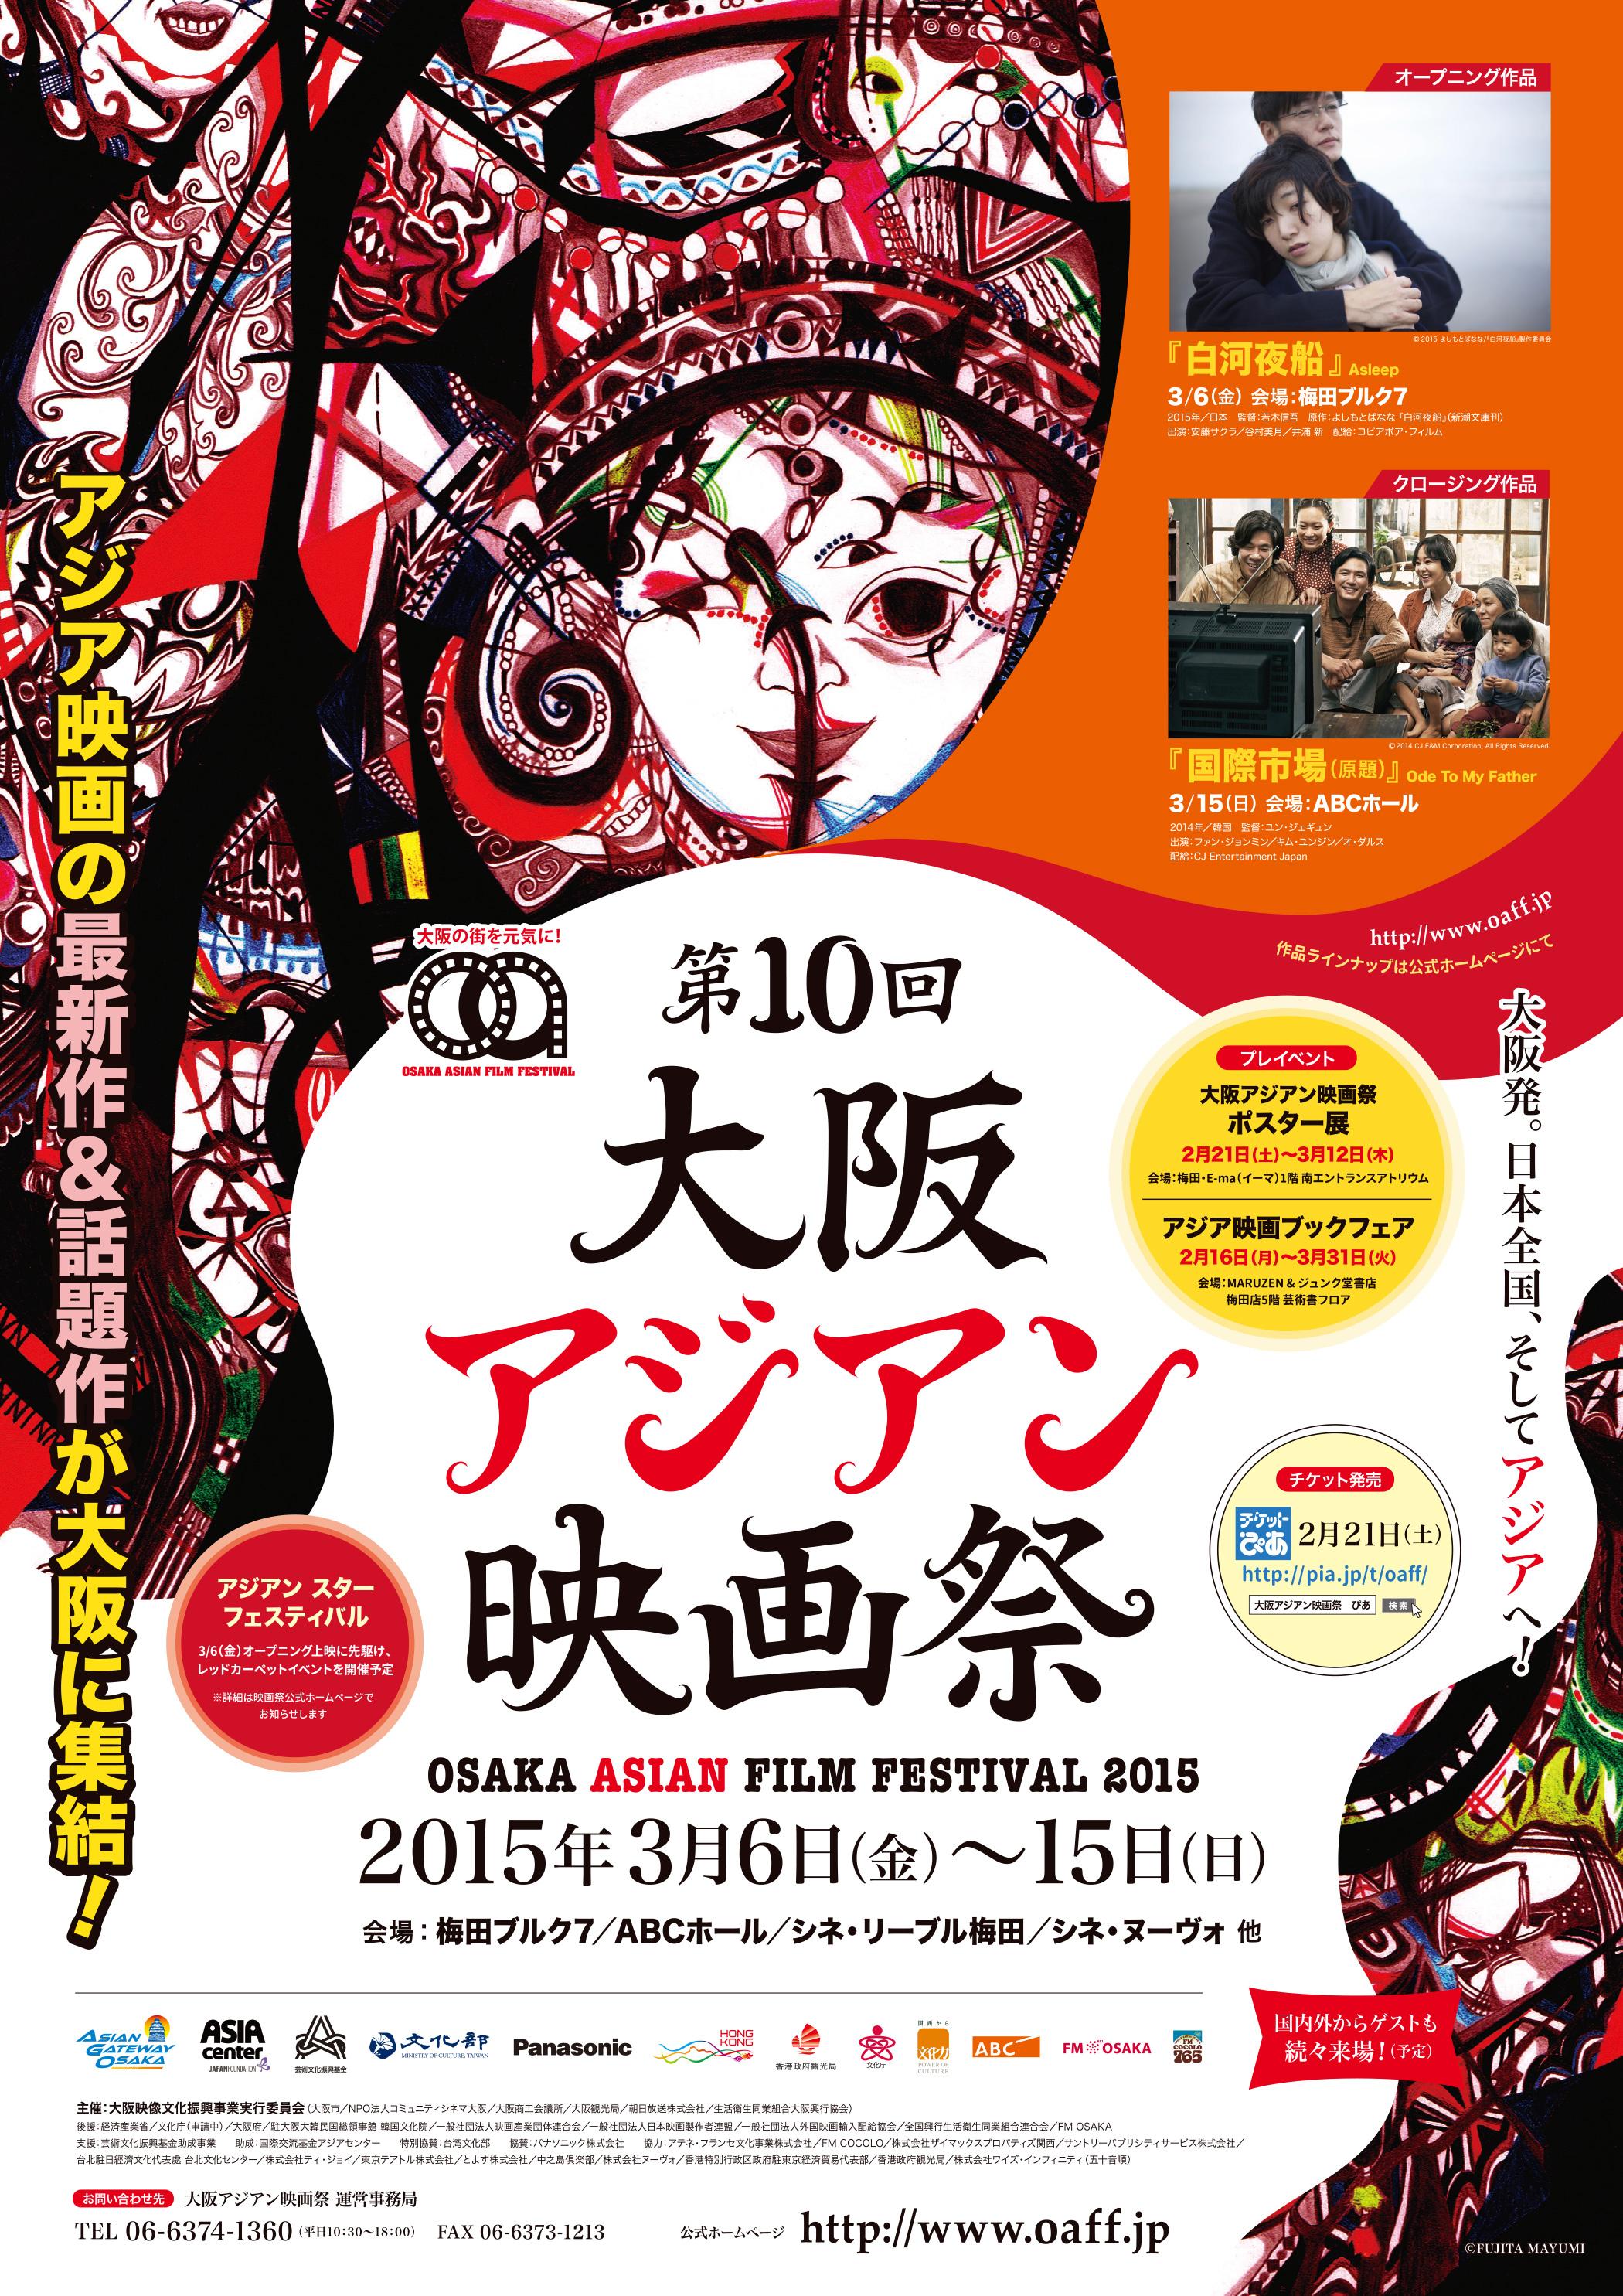 第10回 大阪アジアン映画祭2015